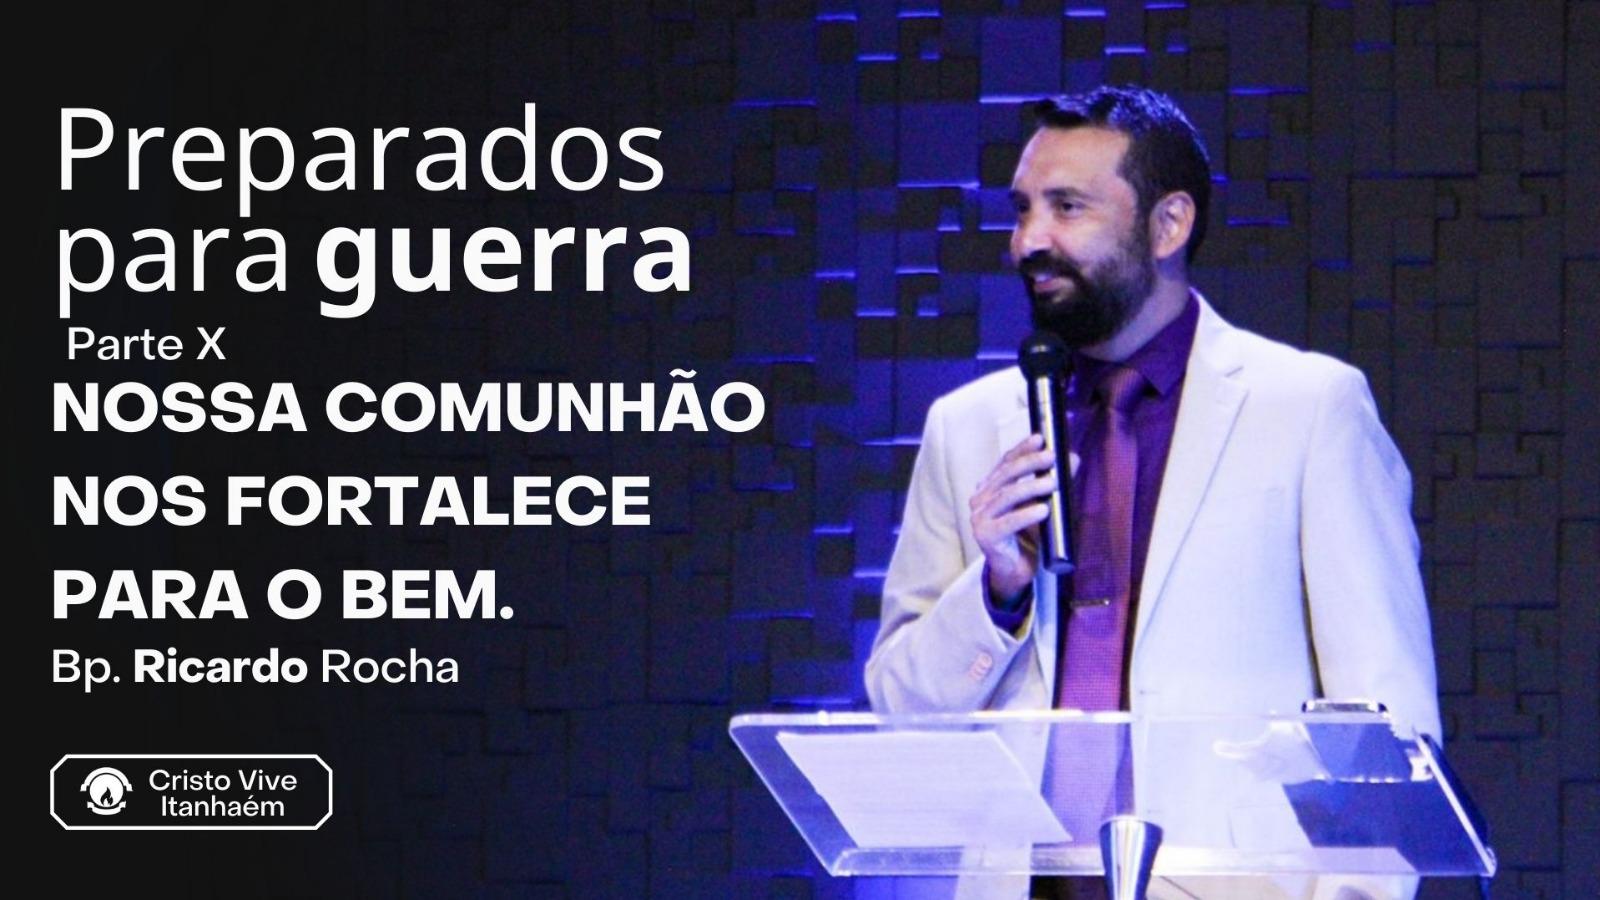 PREPARADOS PARA GUERRA - PARTE X - NOSSA COMUNHÃO NOS FORTALECE PARA O BEM.